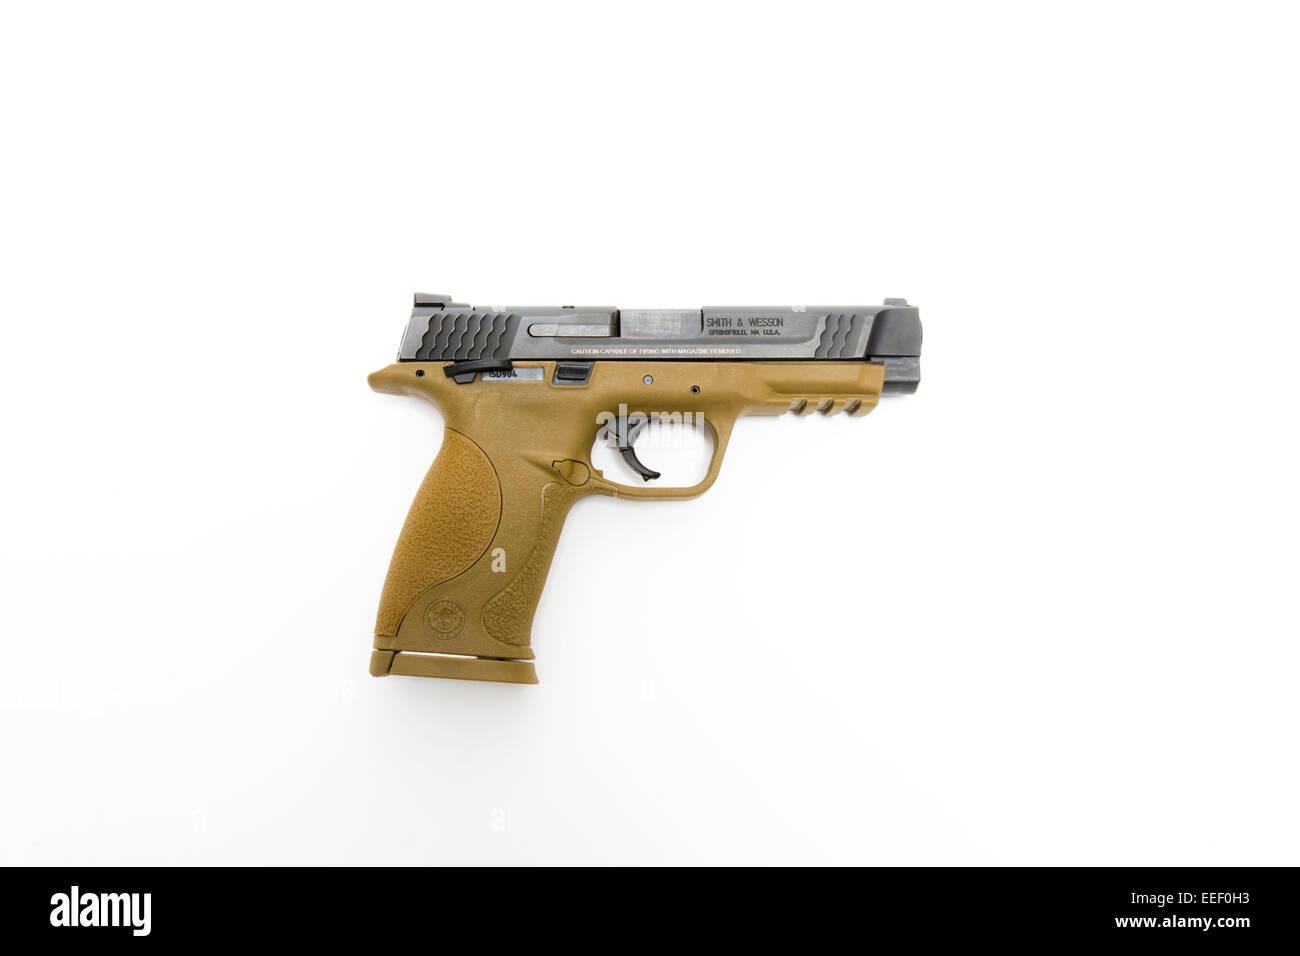 smith wesson m p 45 semi automatic pistol stock photo 77776415